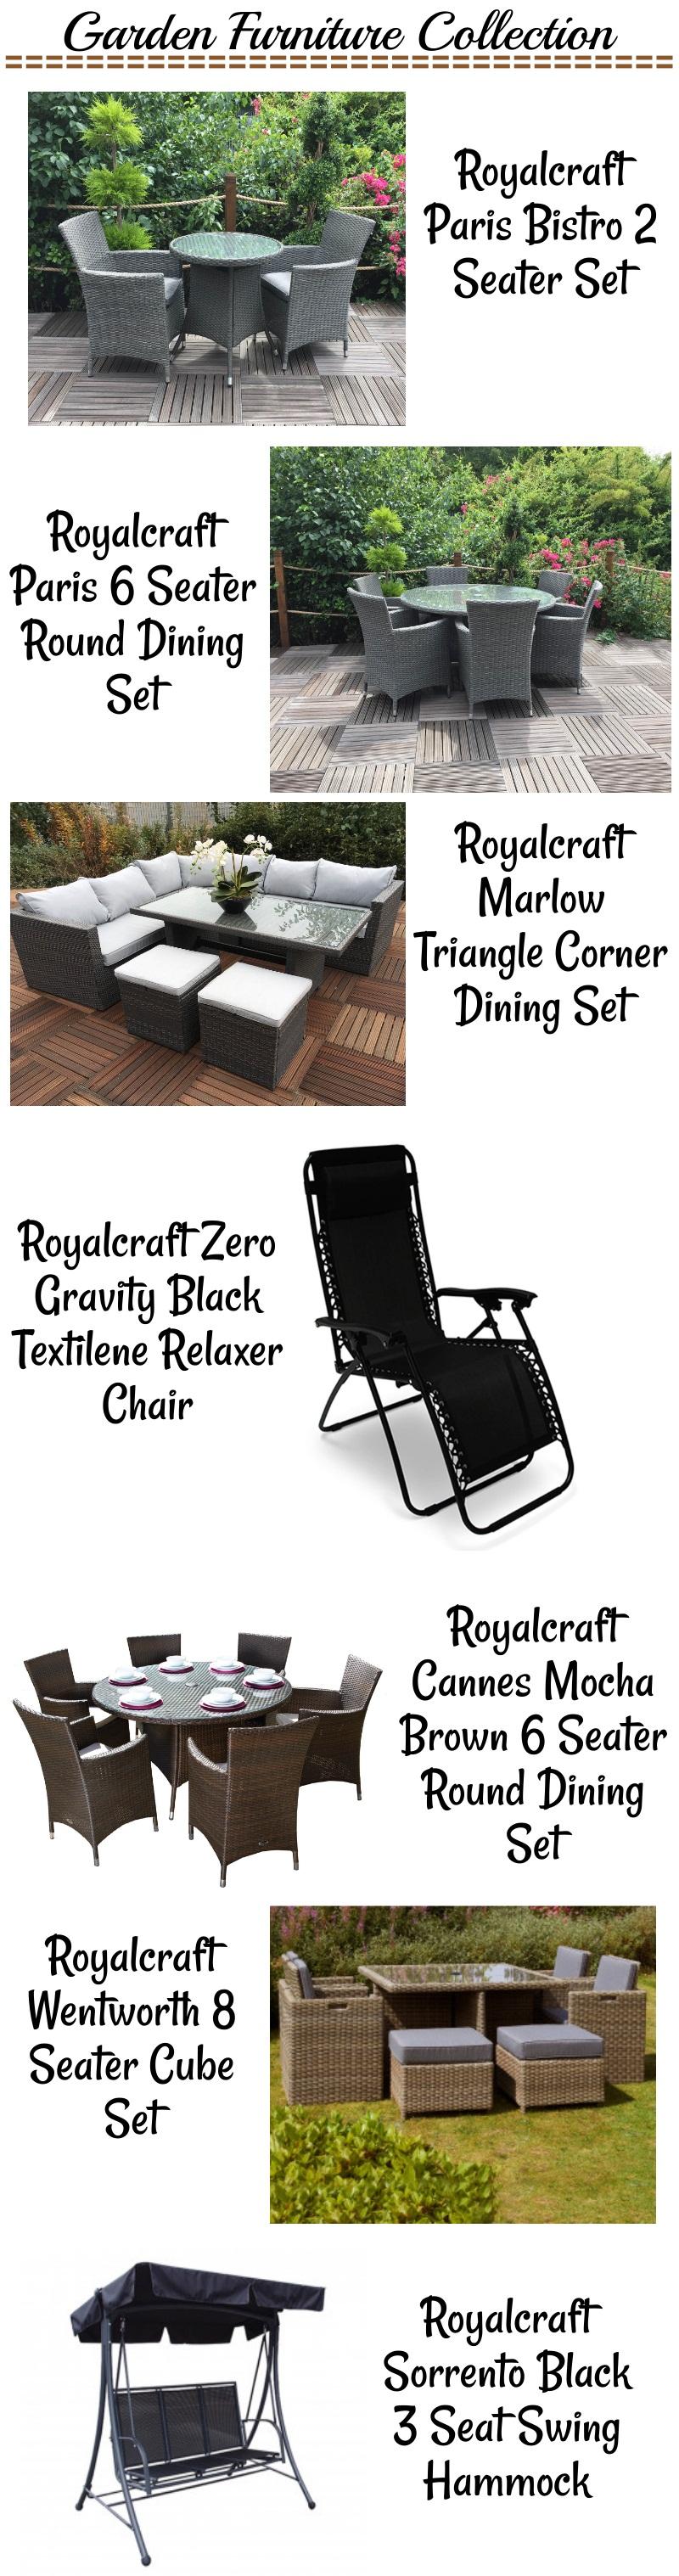 Buy Garden Furniture Online